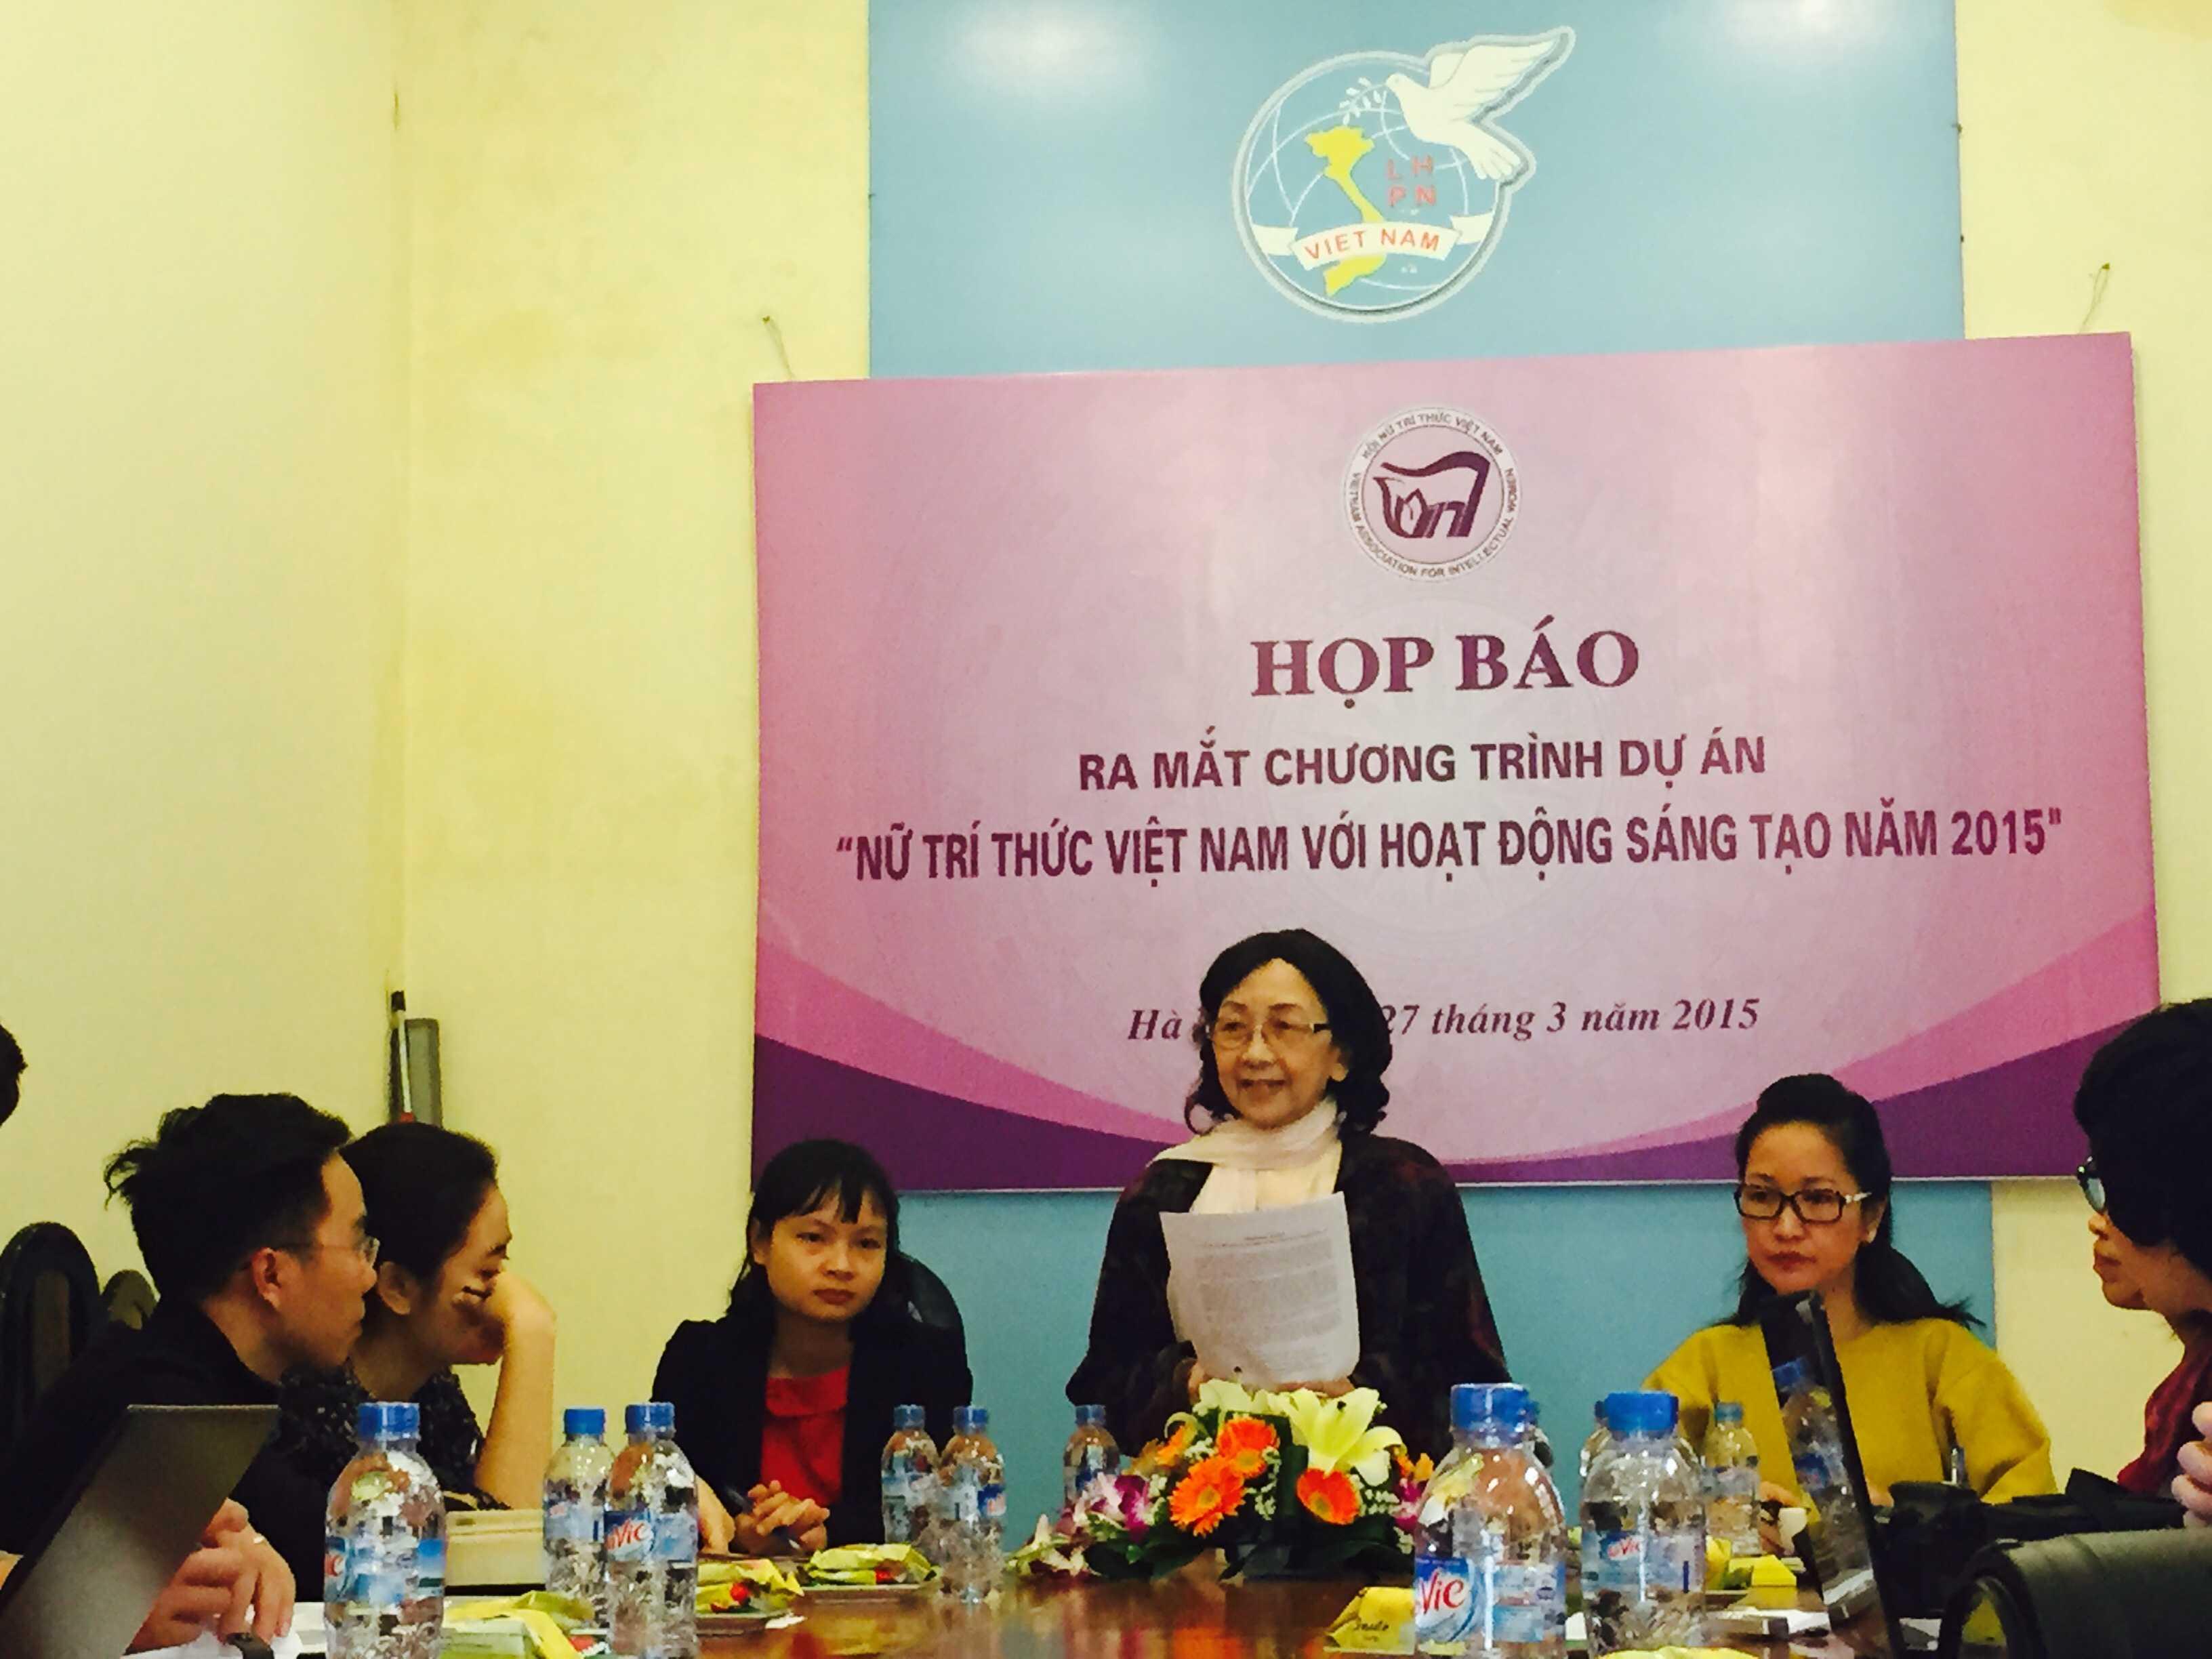 GS.TSKH Phạm Thị Trân Châu - Chủ tịch Hội Nữ trí thức Việt Nam phát biểu tại buổi họp báo.